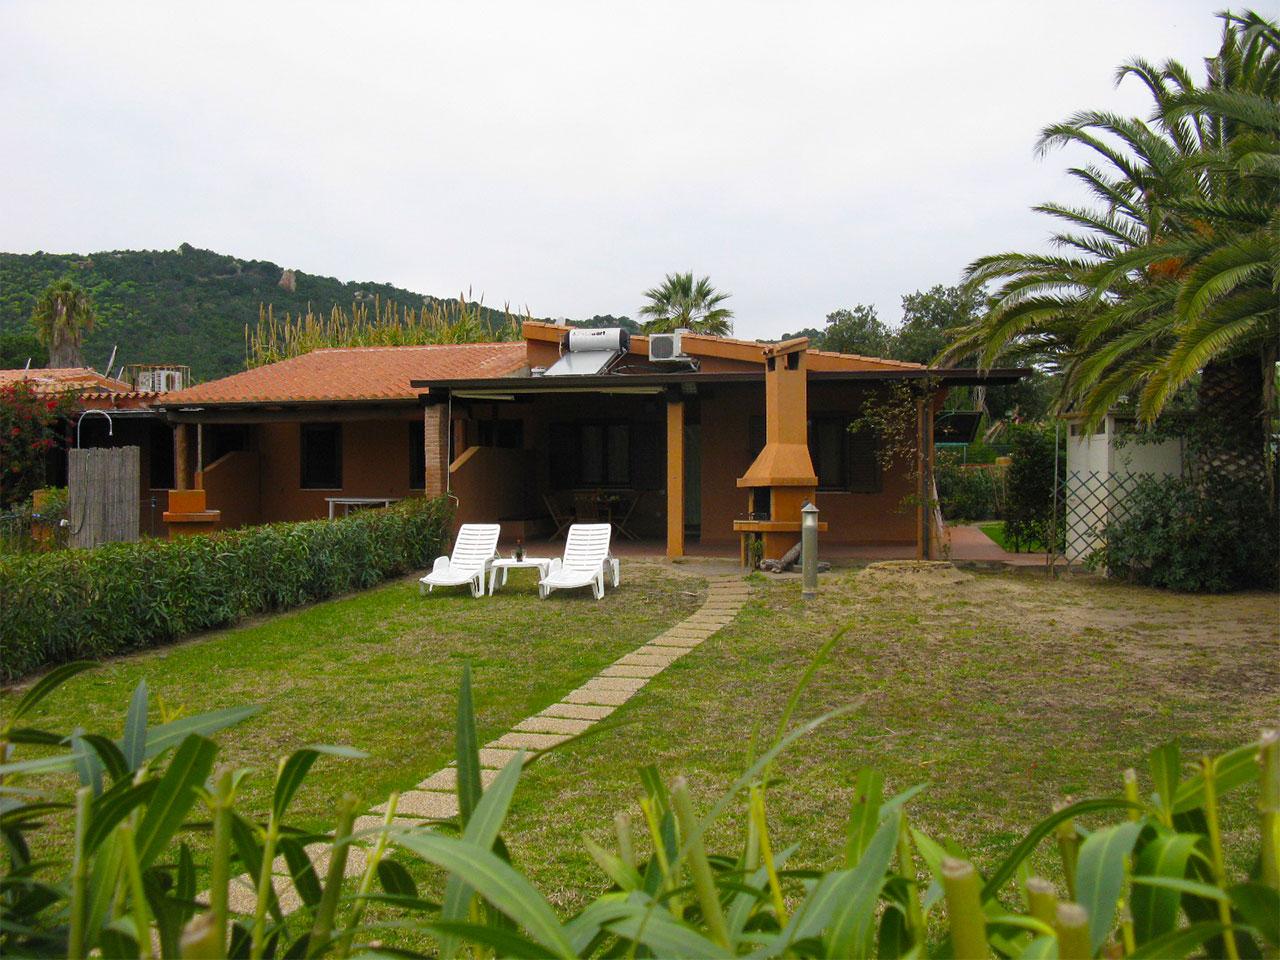 Appartamenti Costa Rei Fascia A - Costa Rei - Muravera - Sardegna.com